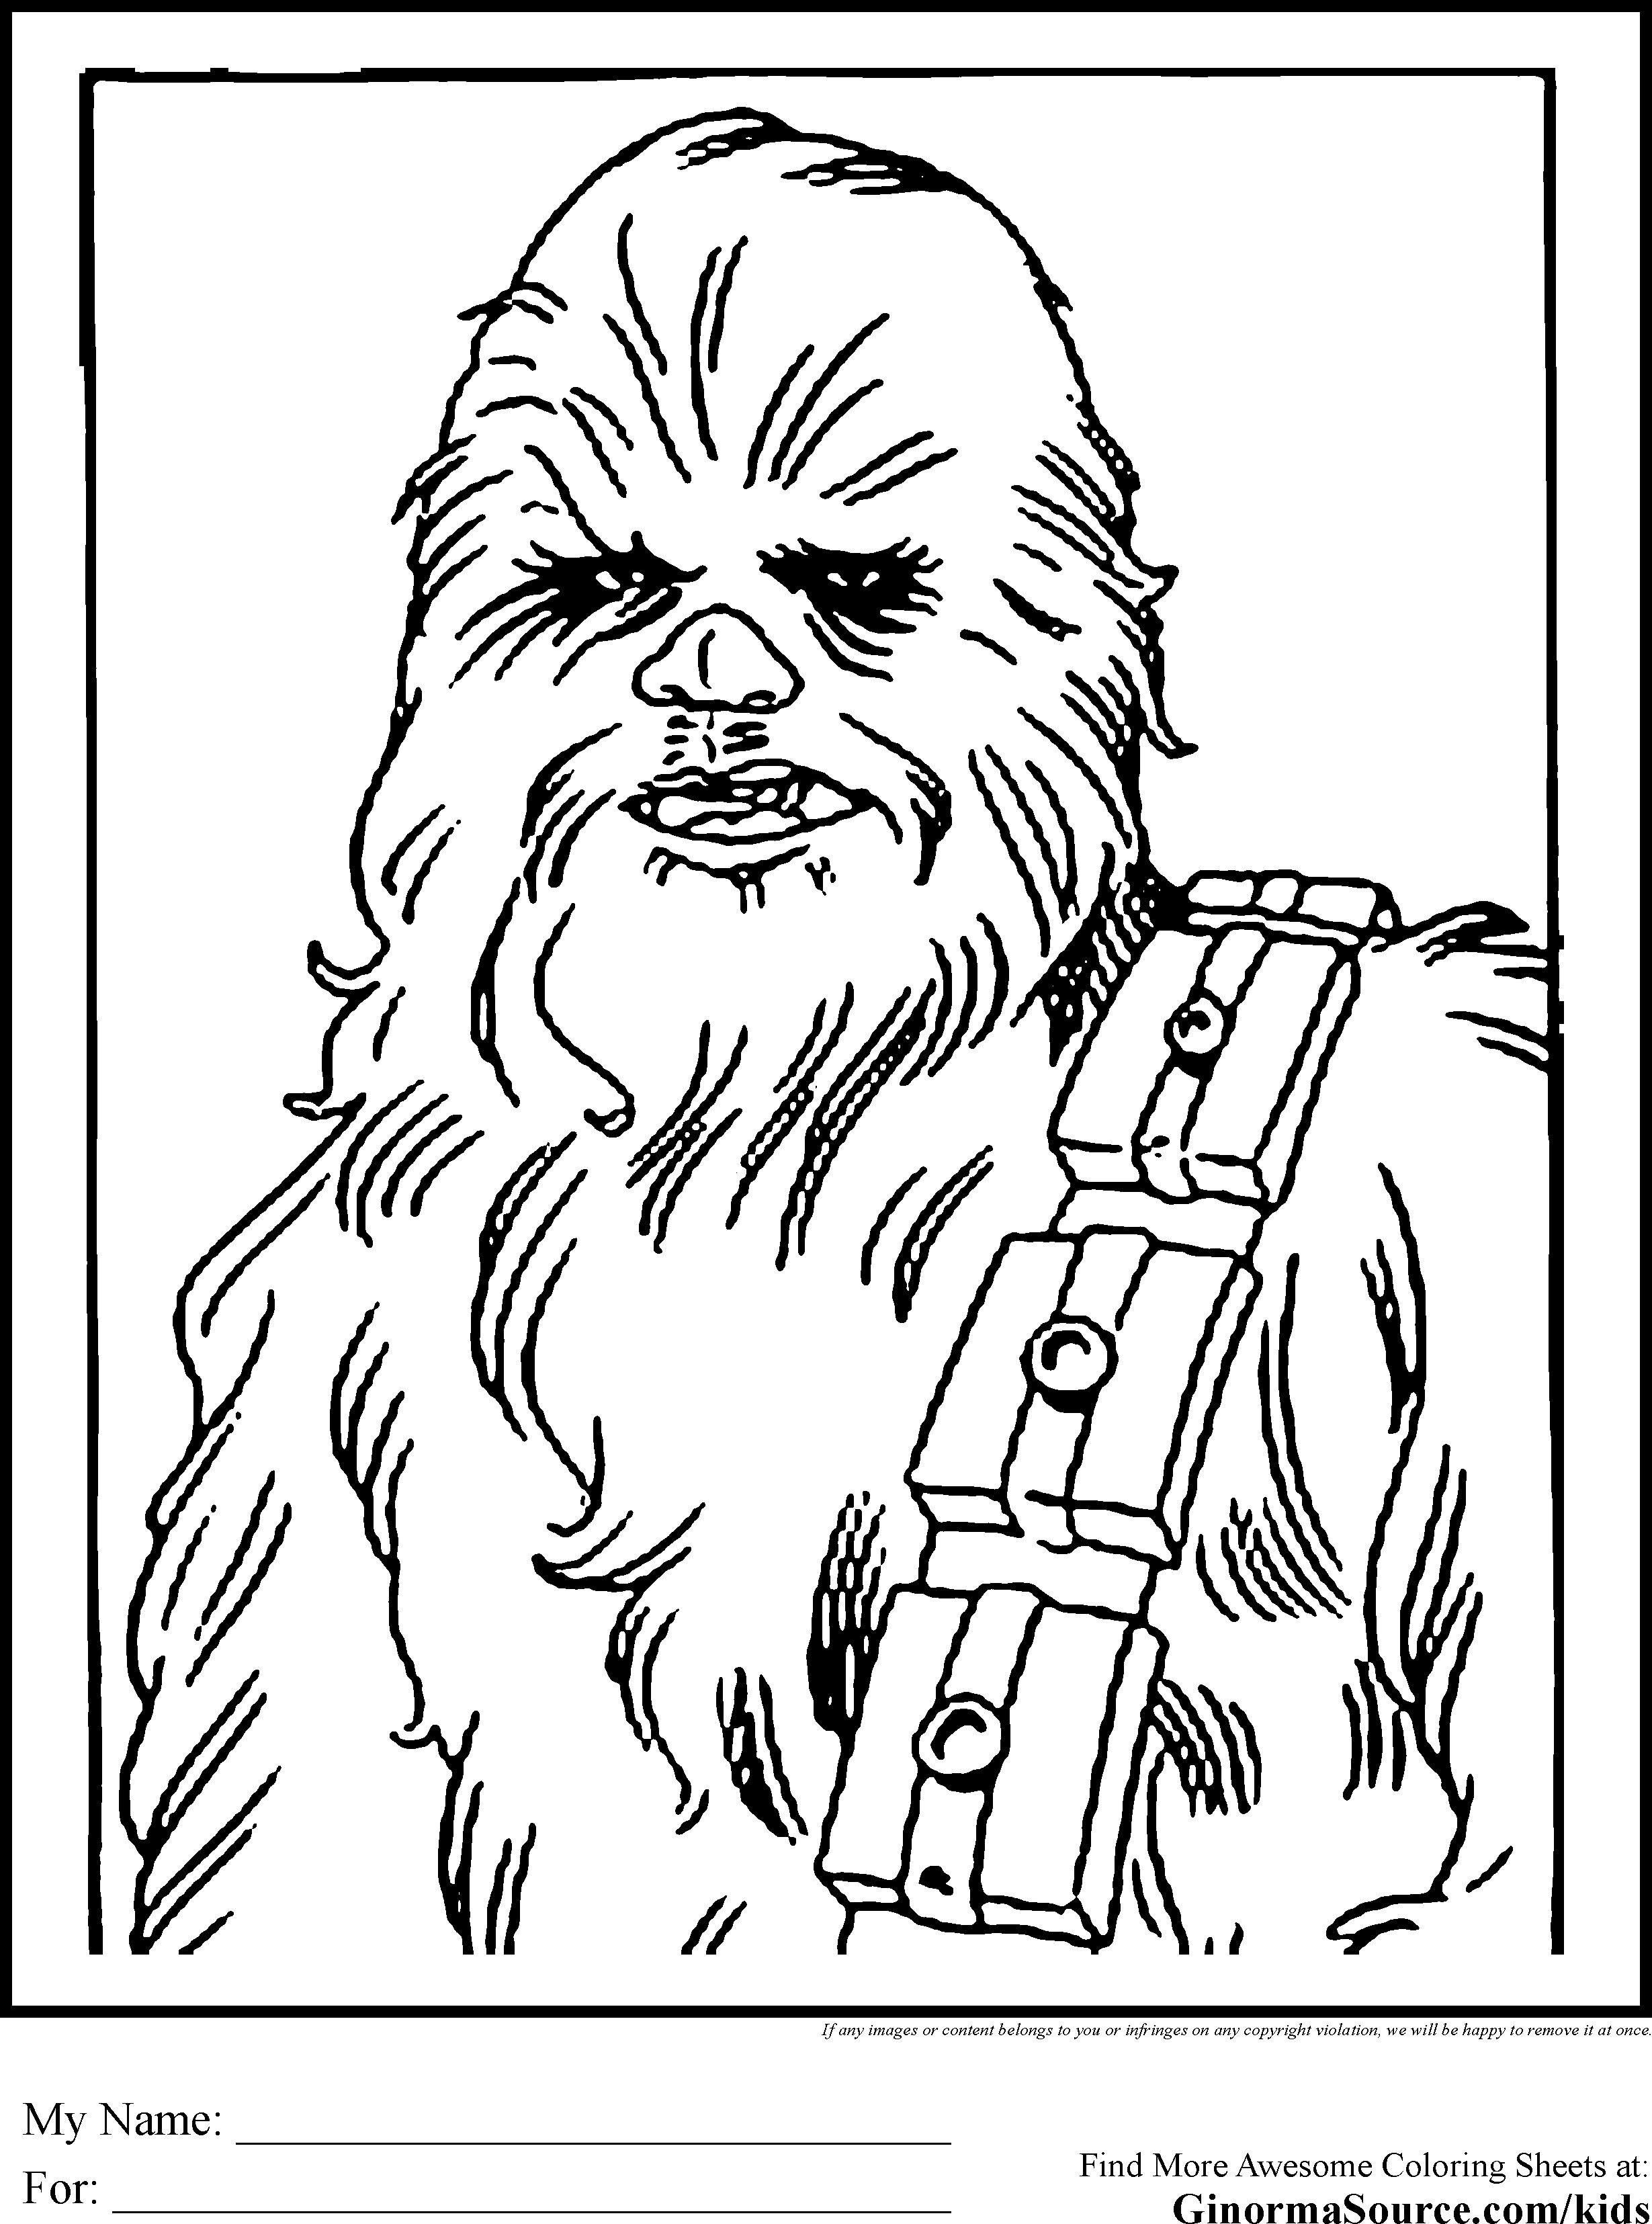 Lego Star Wars Malvorlagen Frisch 52 Malvorlagen Star Wars Lego Bilder